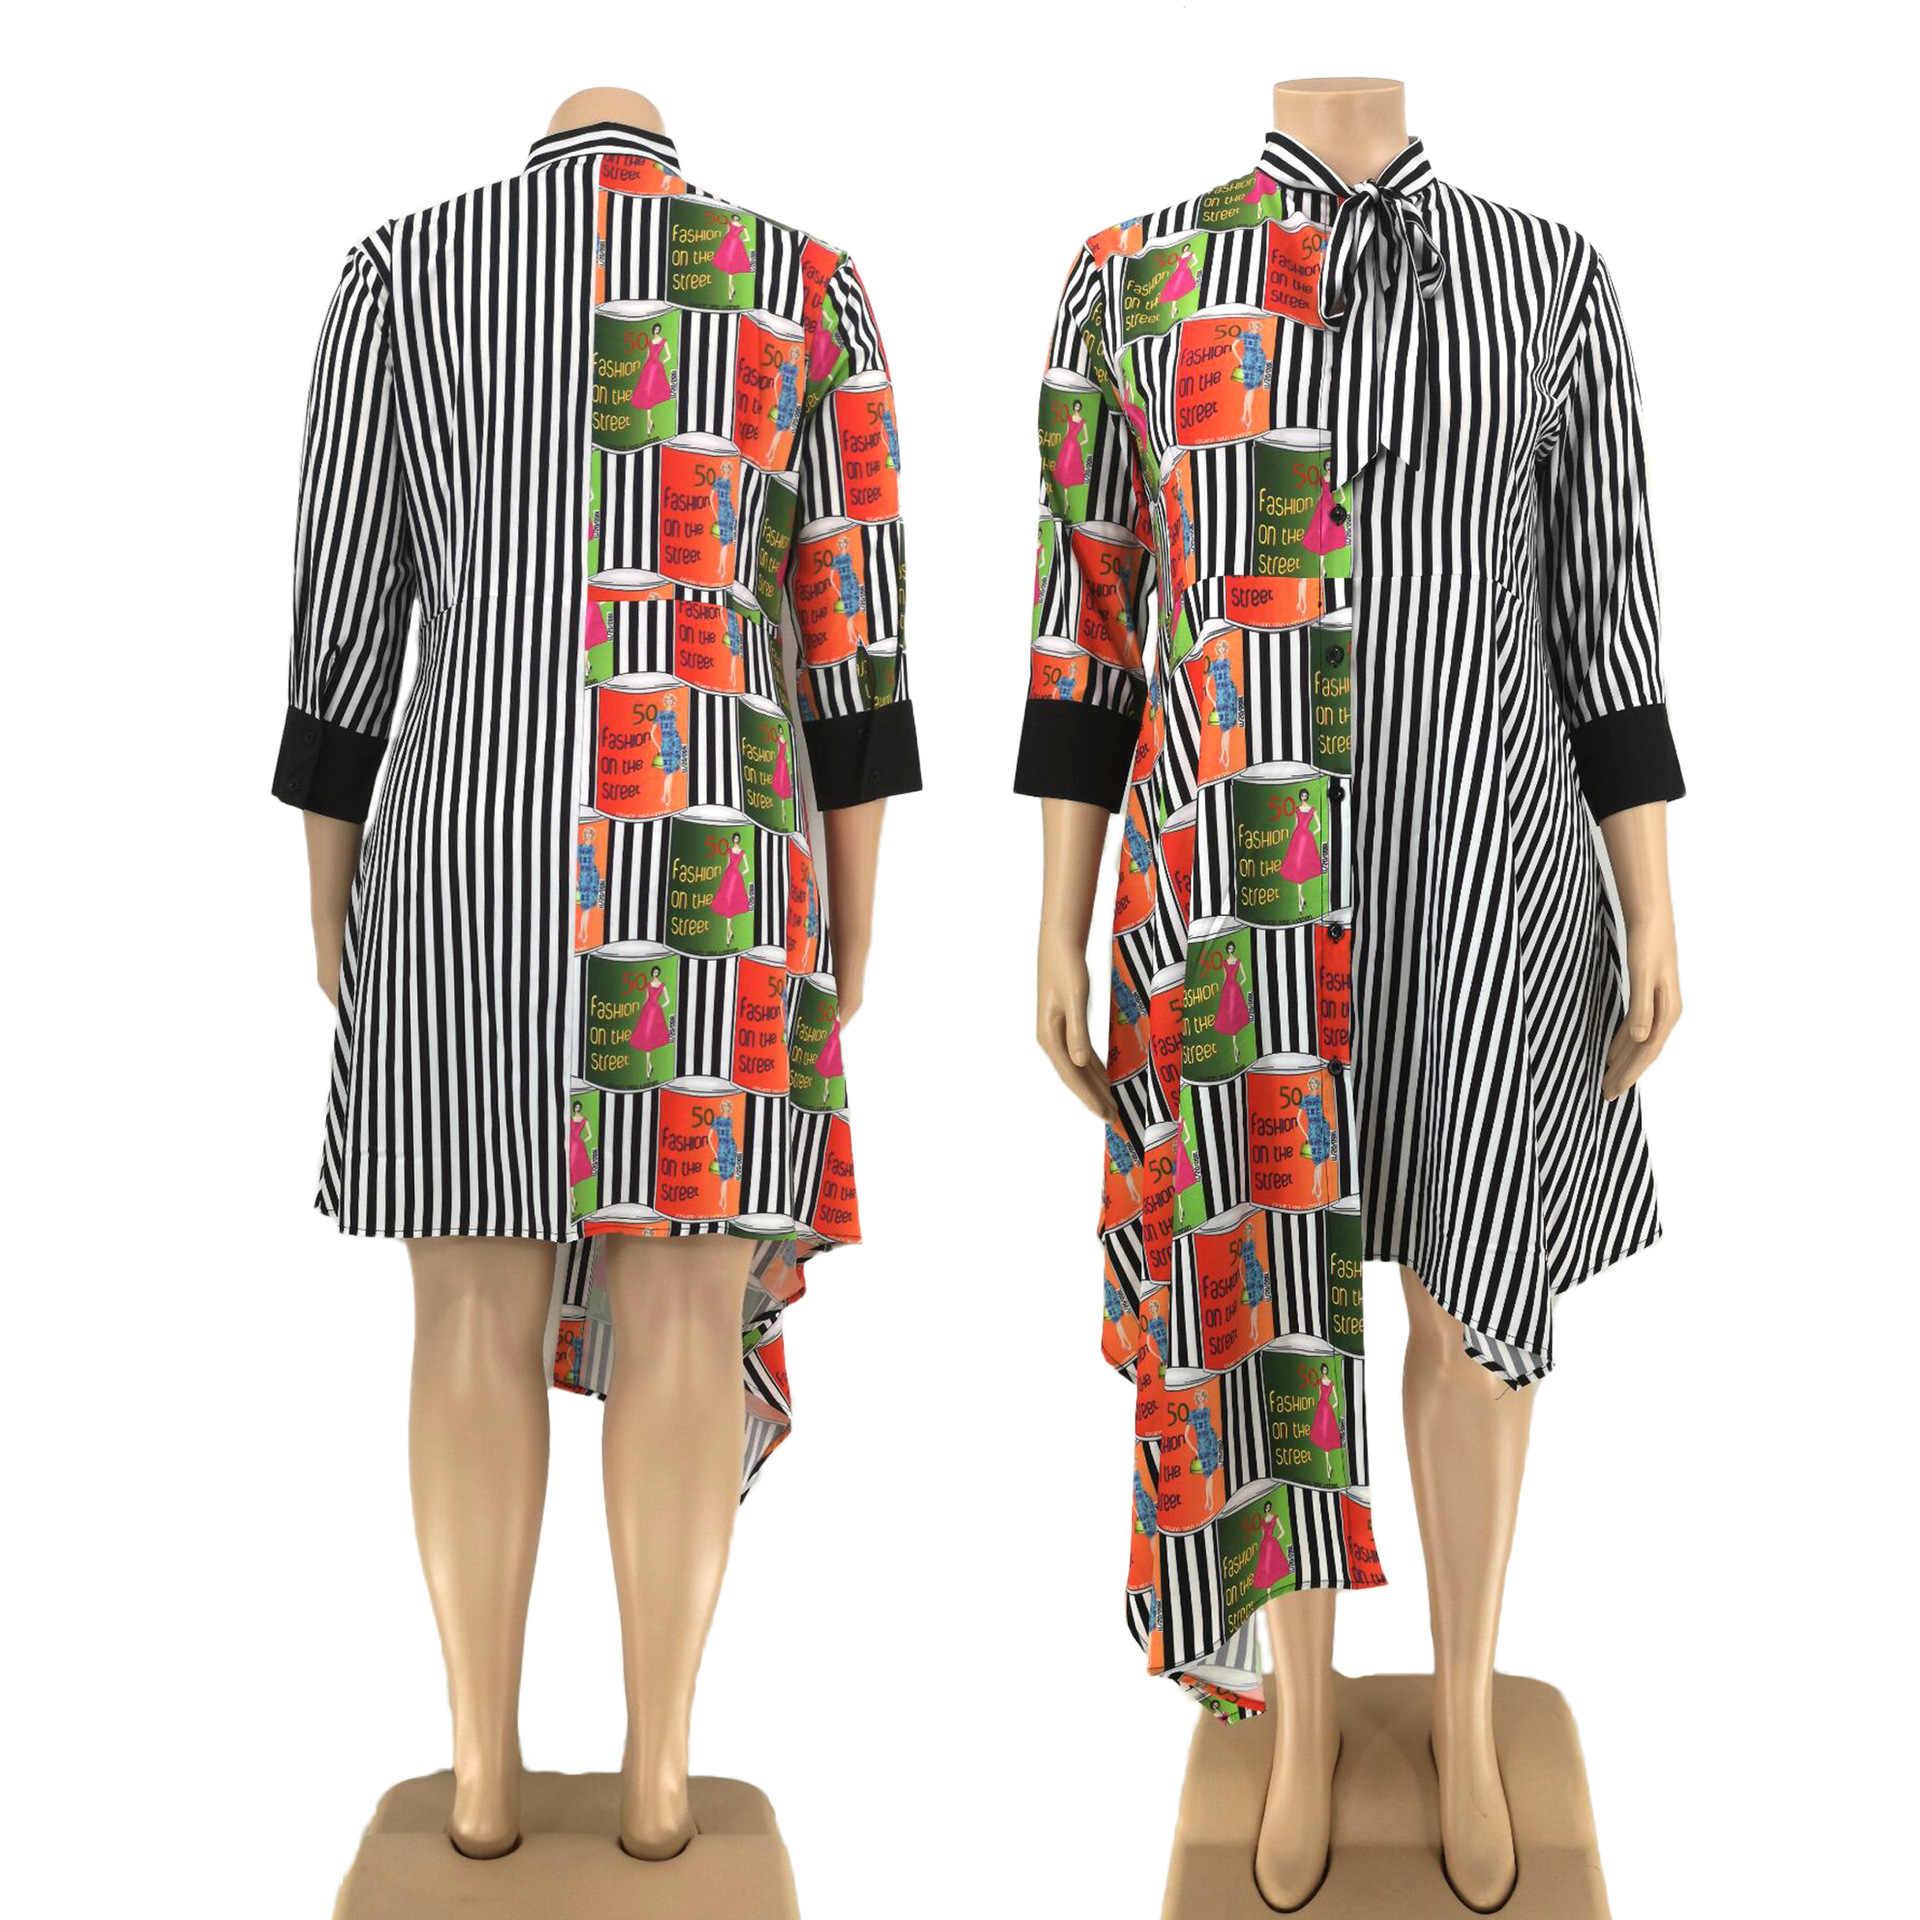 5XL 6XL Plus rozmiar sukienki afrykańskie dla damska suknia ubranie afrykańskie Dashiki modny nadruk tkaniny długa sukienka odzież z afryki